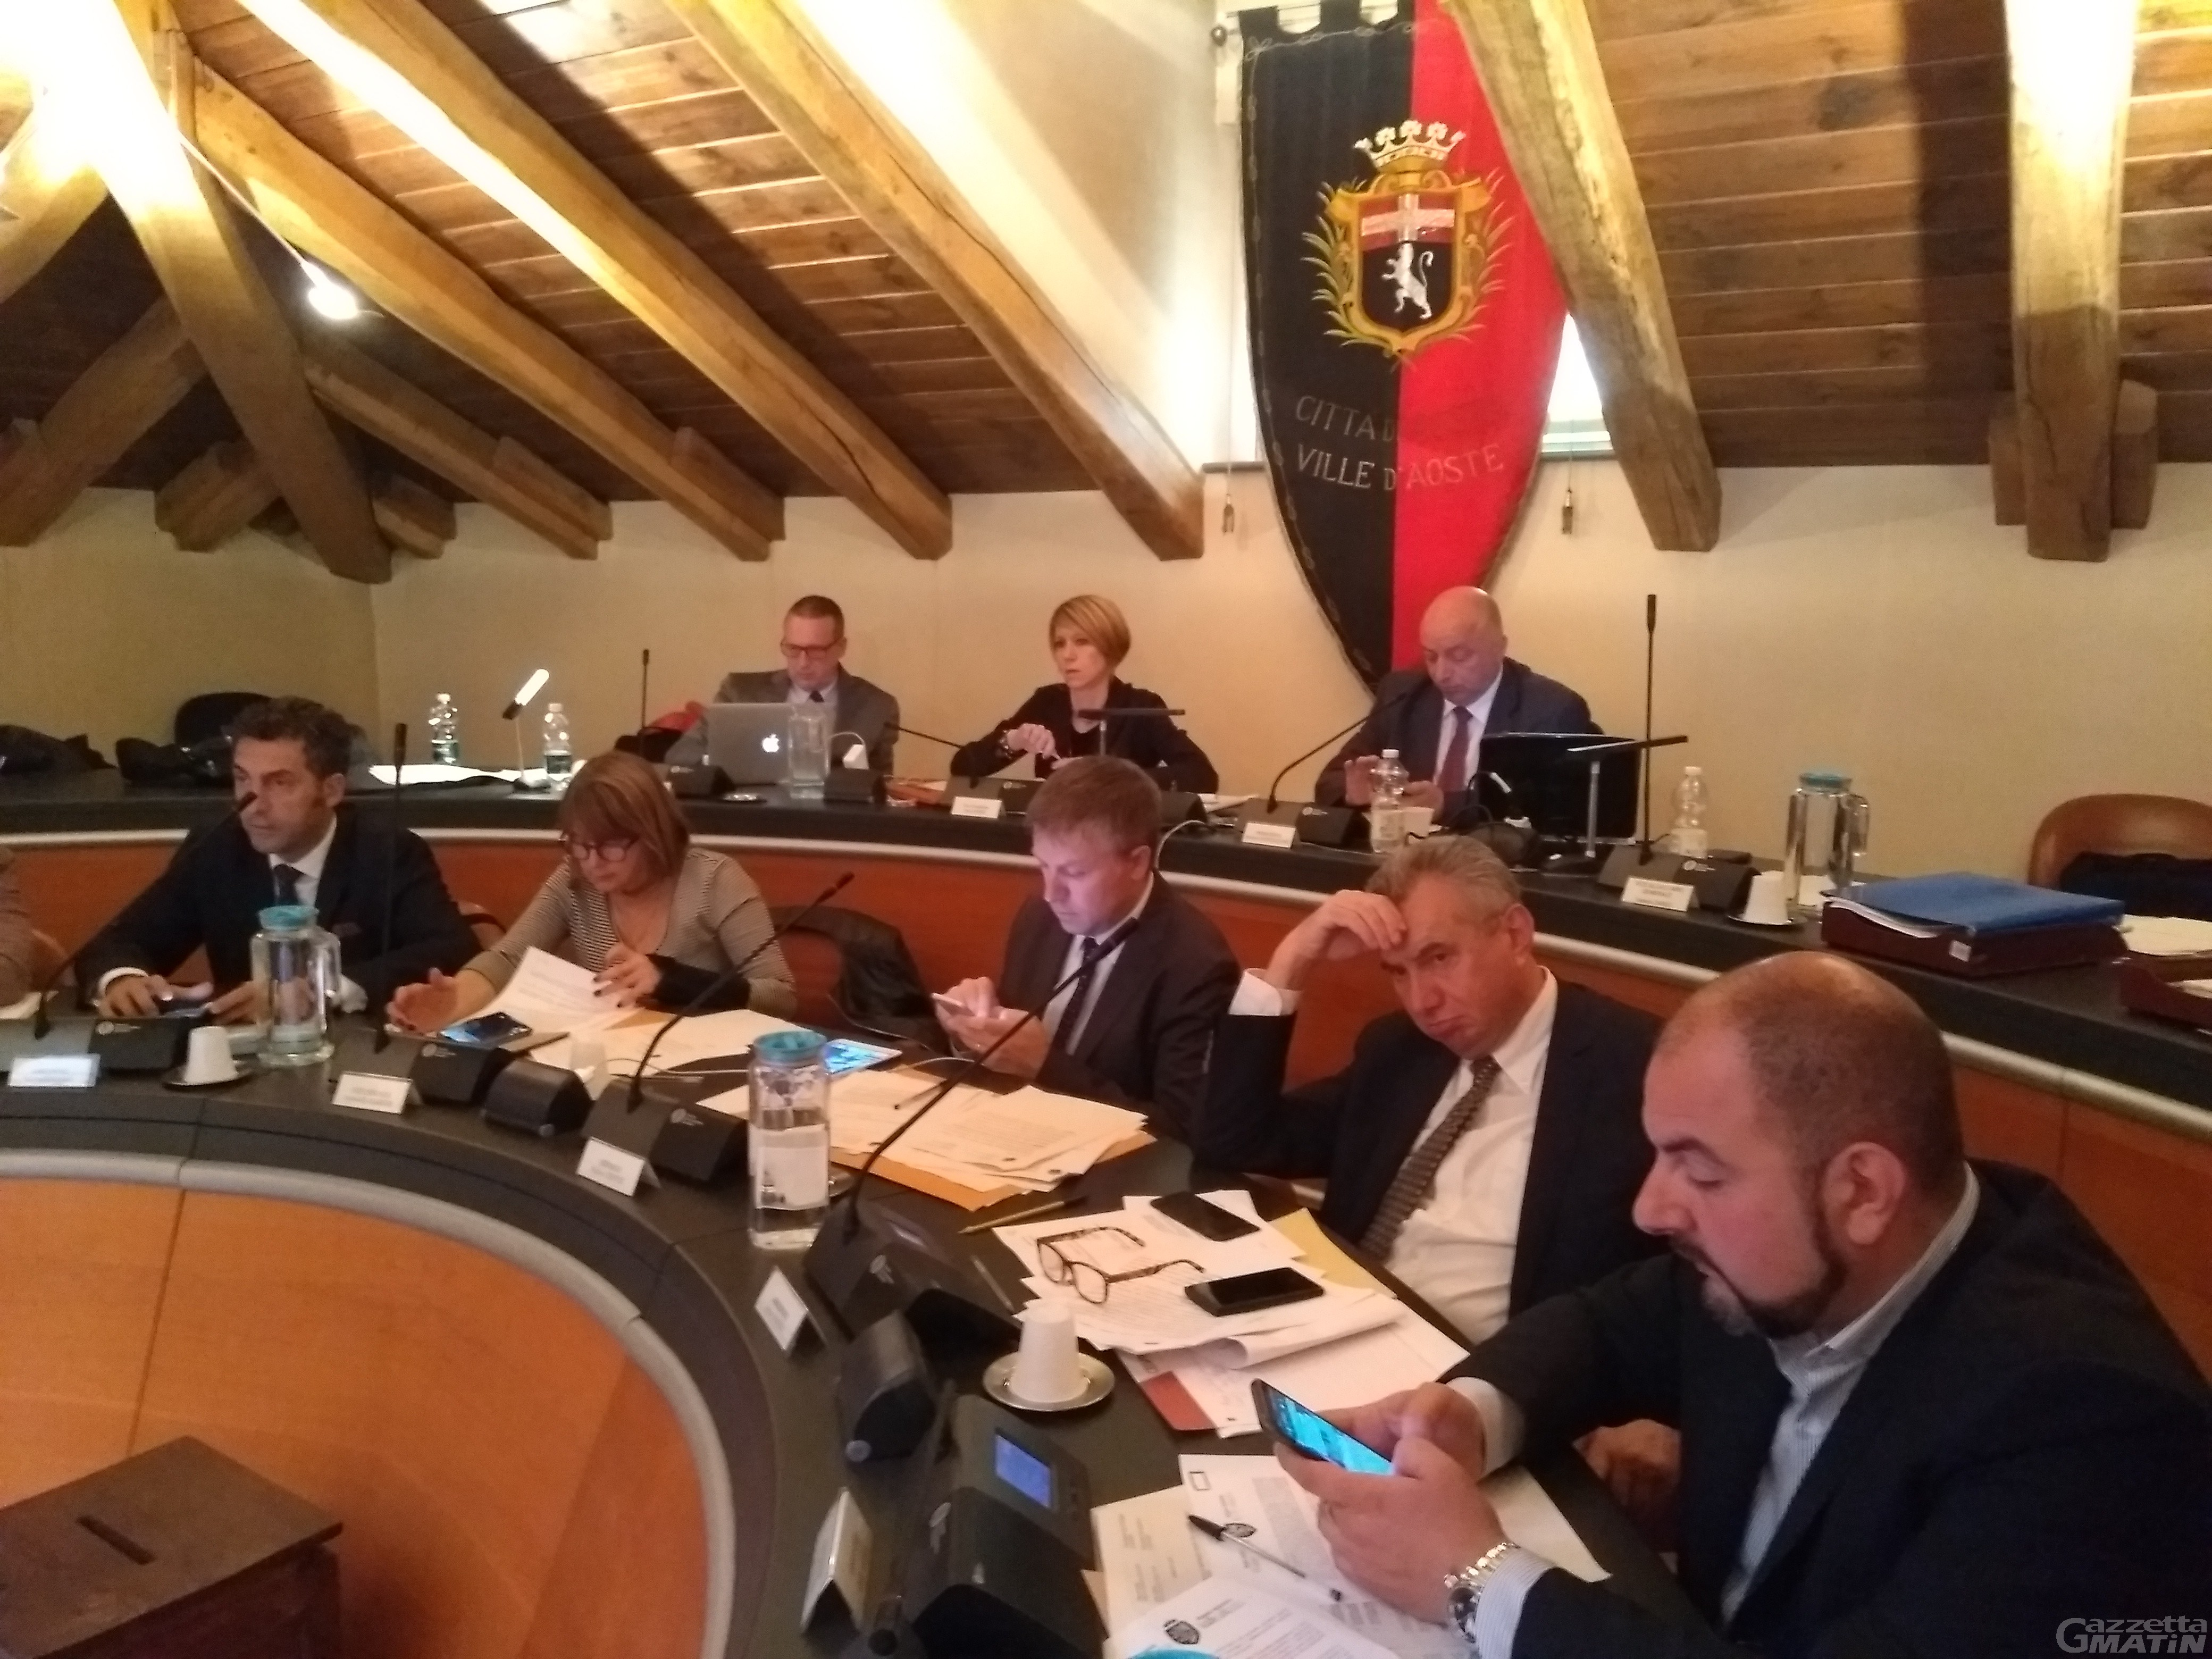 Richiesta dimissioni sindaco Centoz, non ammesso in Consiglio ordine del giorno di Andrione